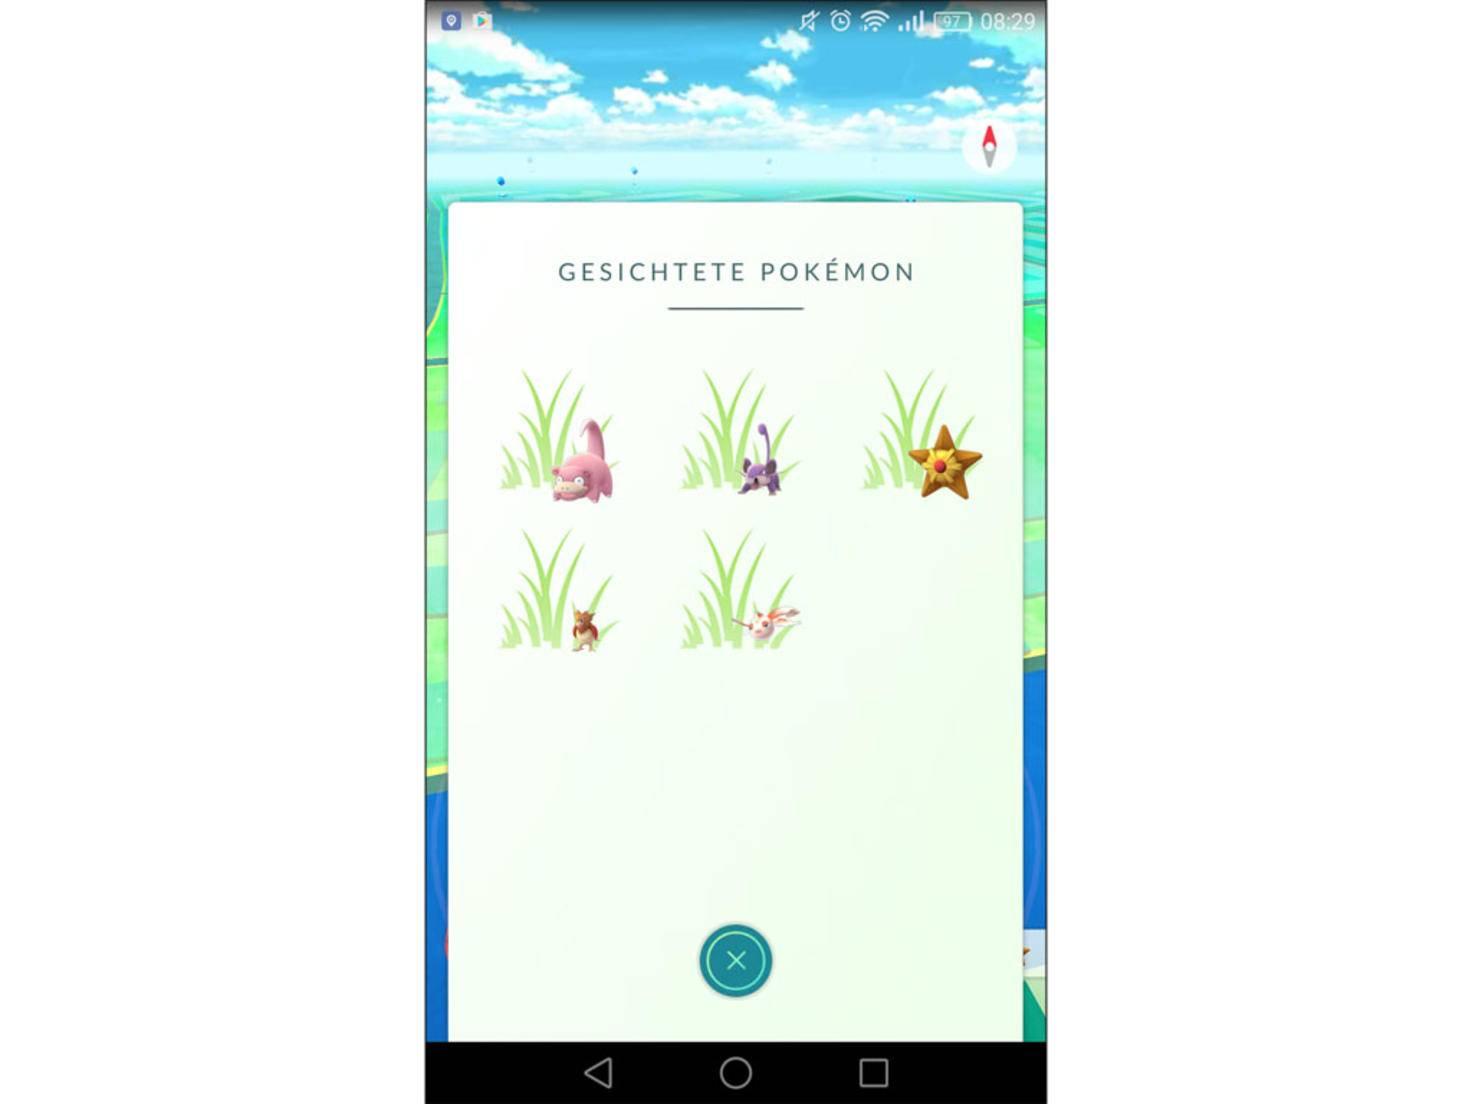 Entwickler Niantic testet eine neue Übersicht über Pokémon in der Nähe.